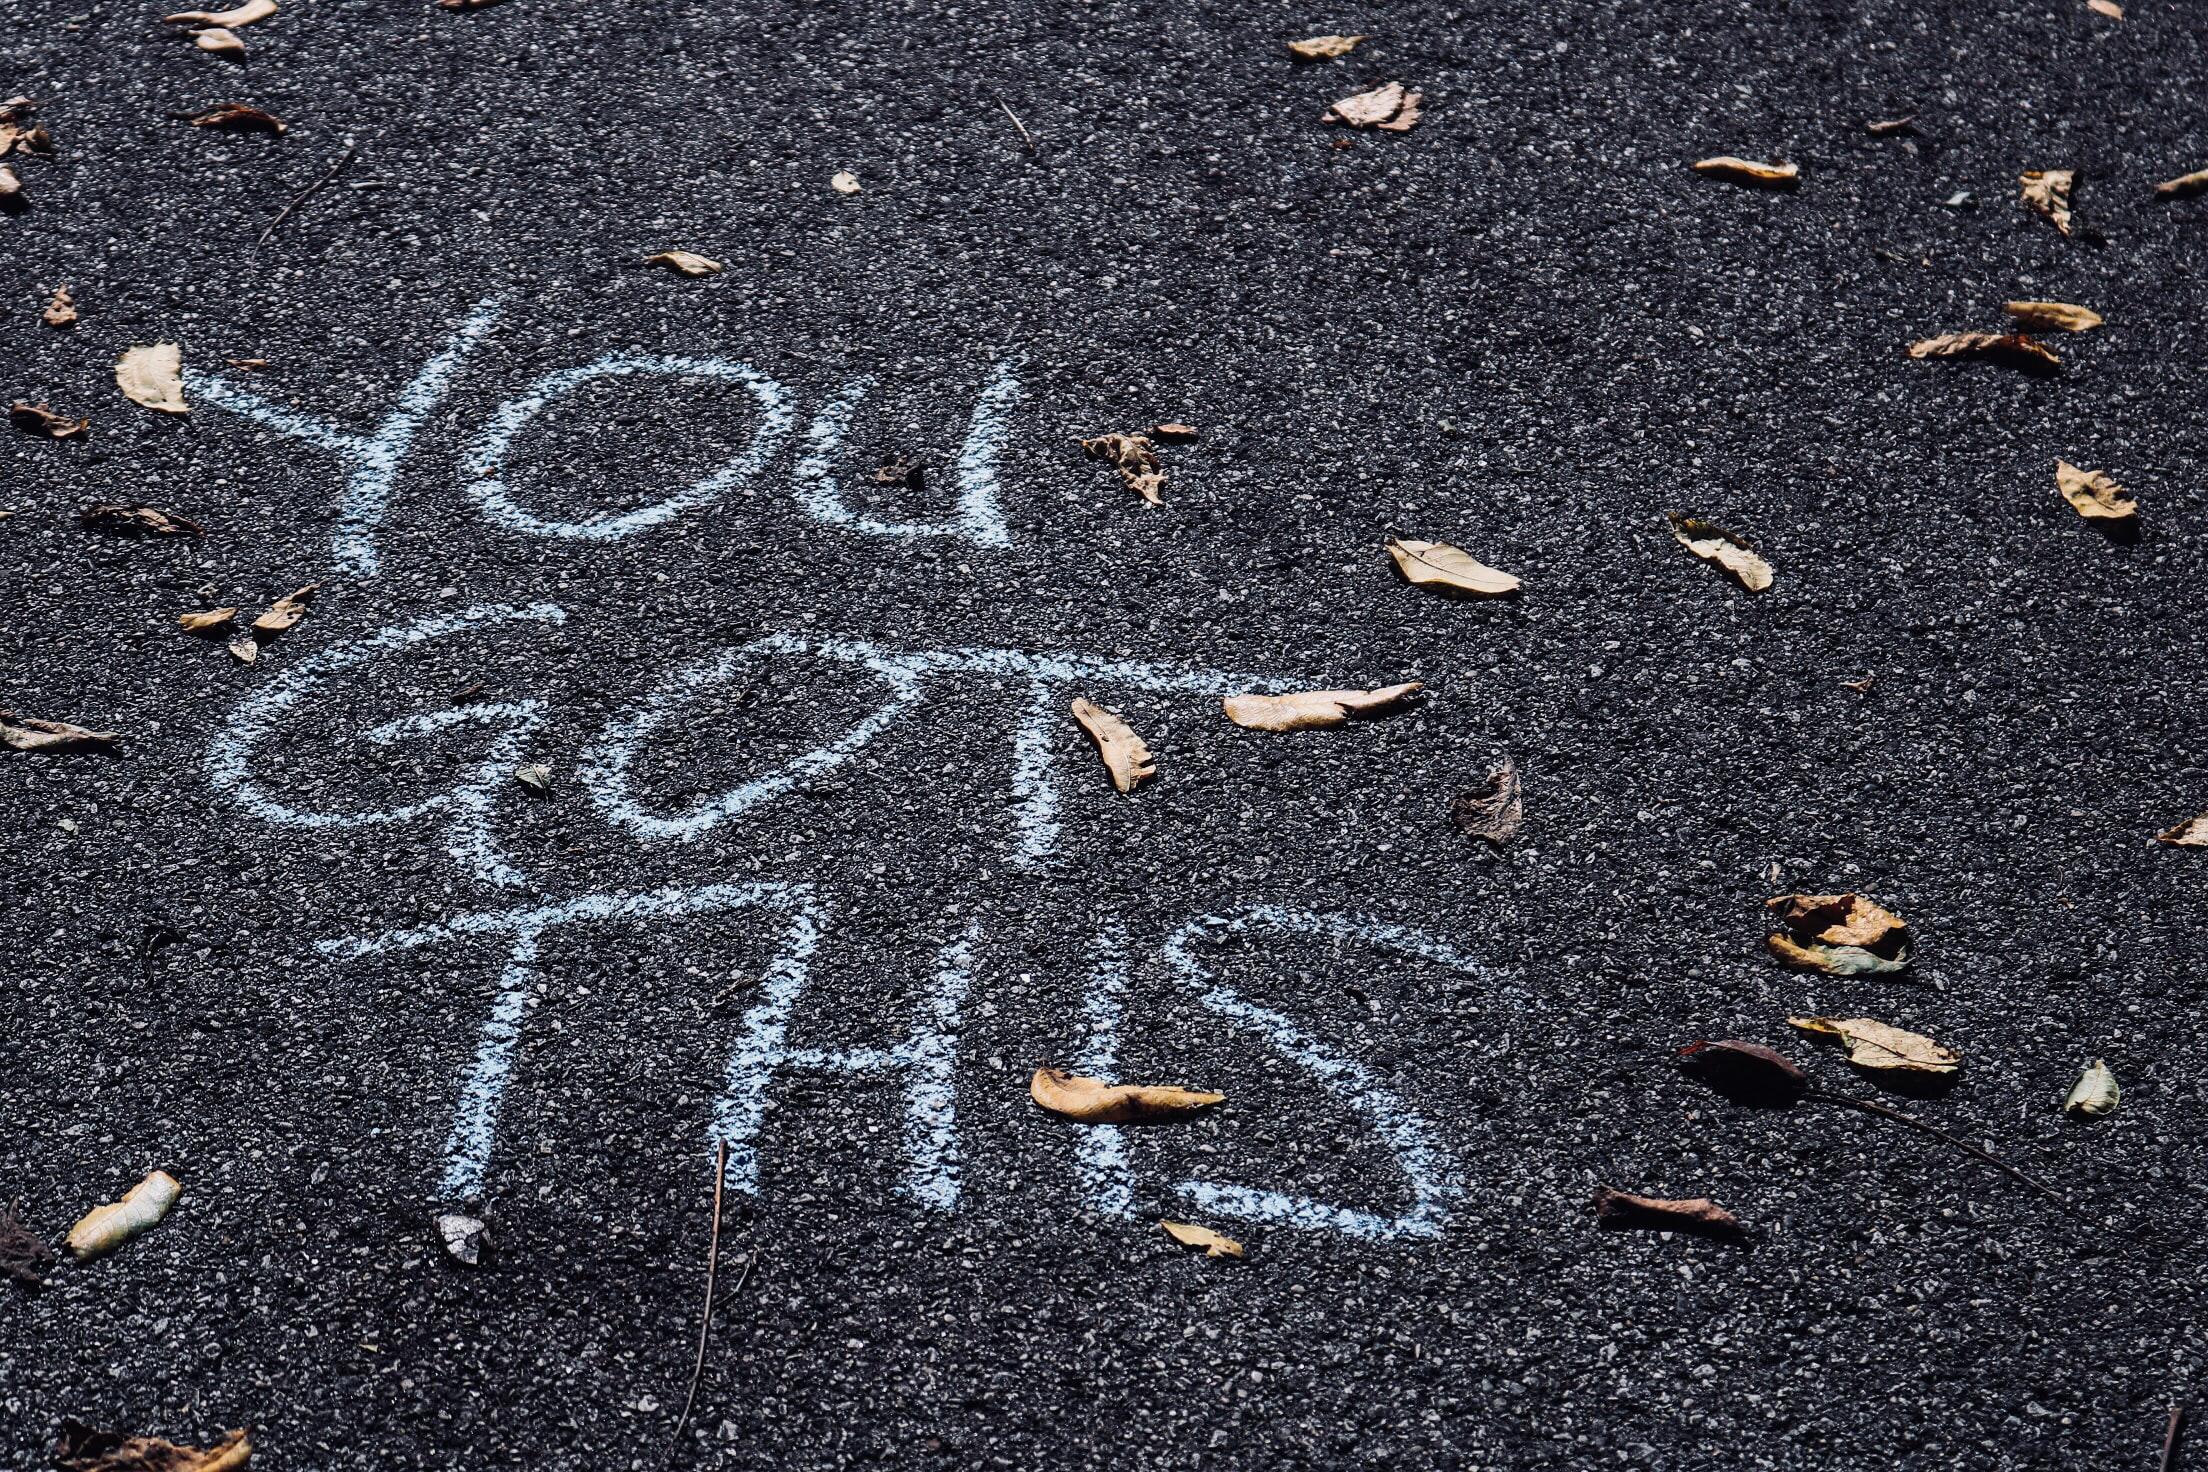 Cómo mejorar la motivación laboral: 5 claves con resultados positivos